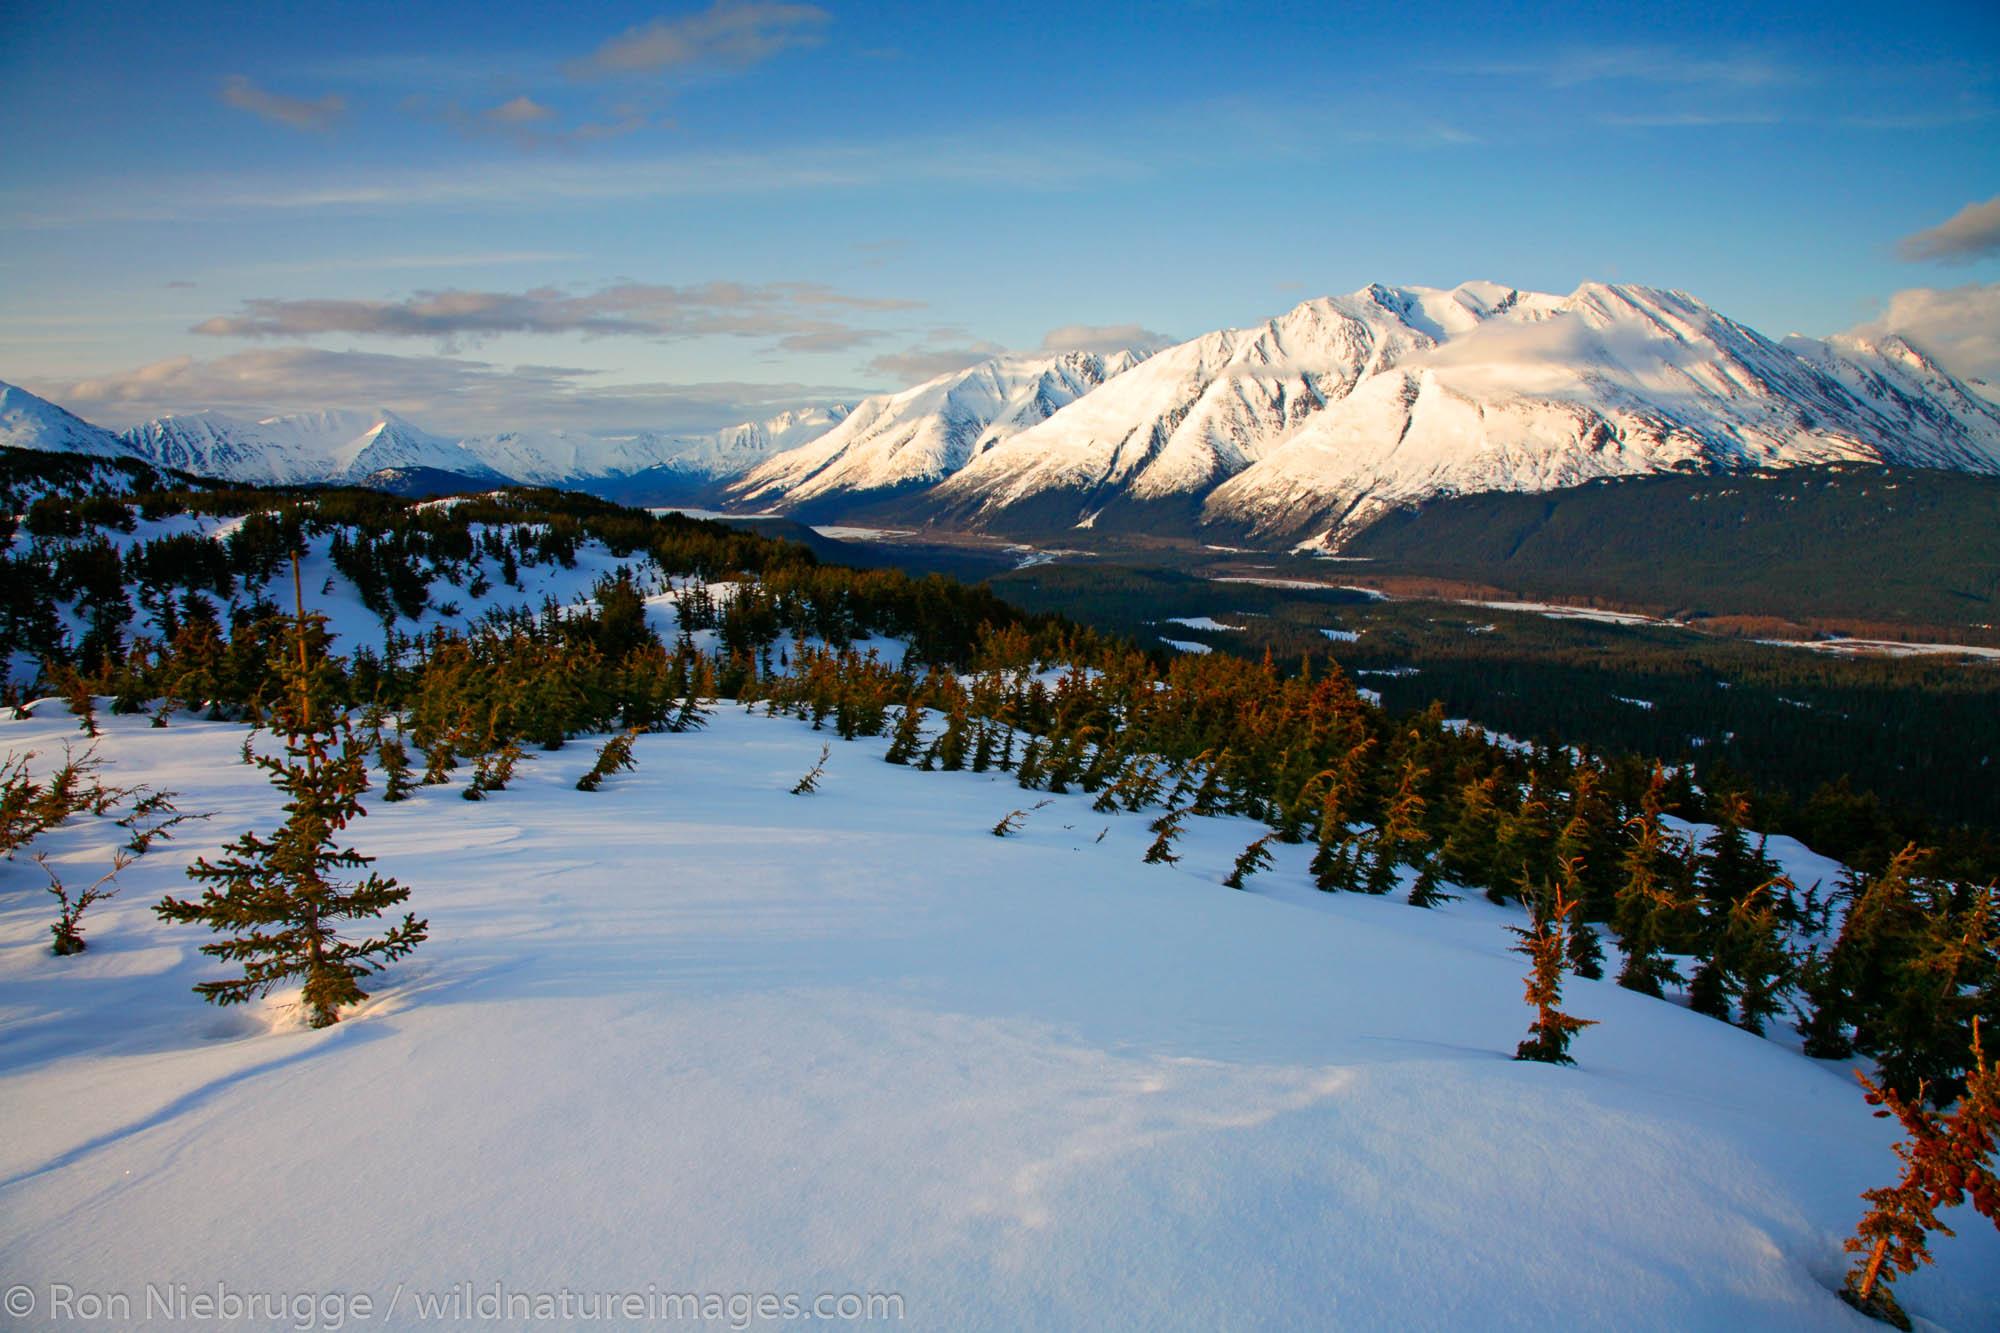 Lost Lake region, Chugach National Forest, near Seward, Alaska.